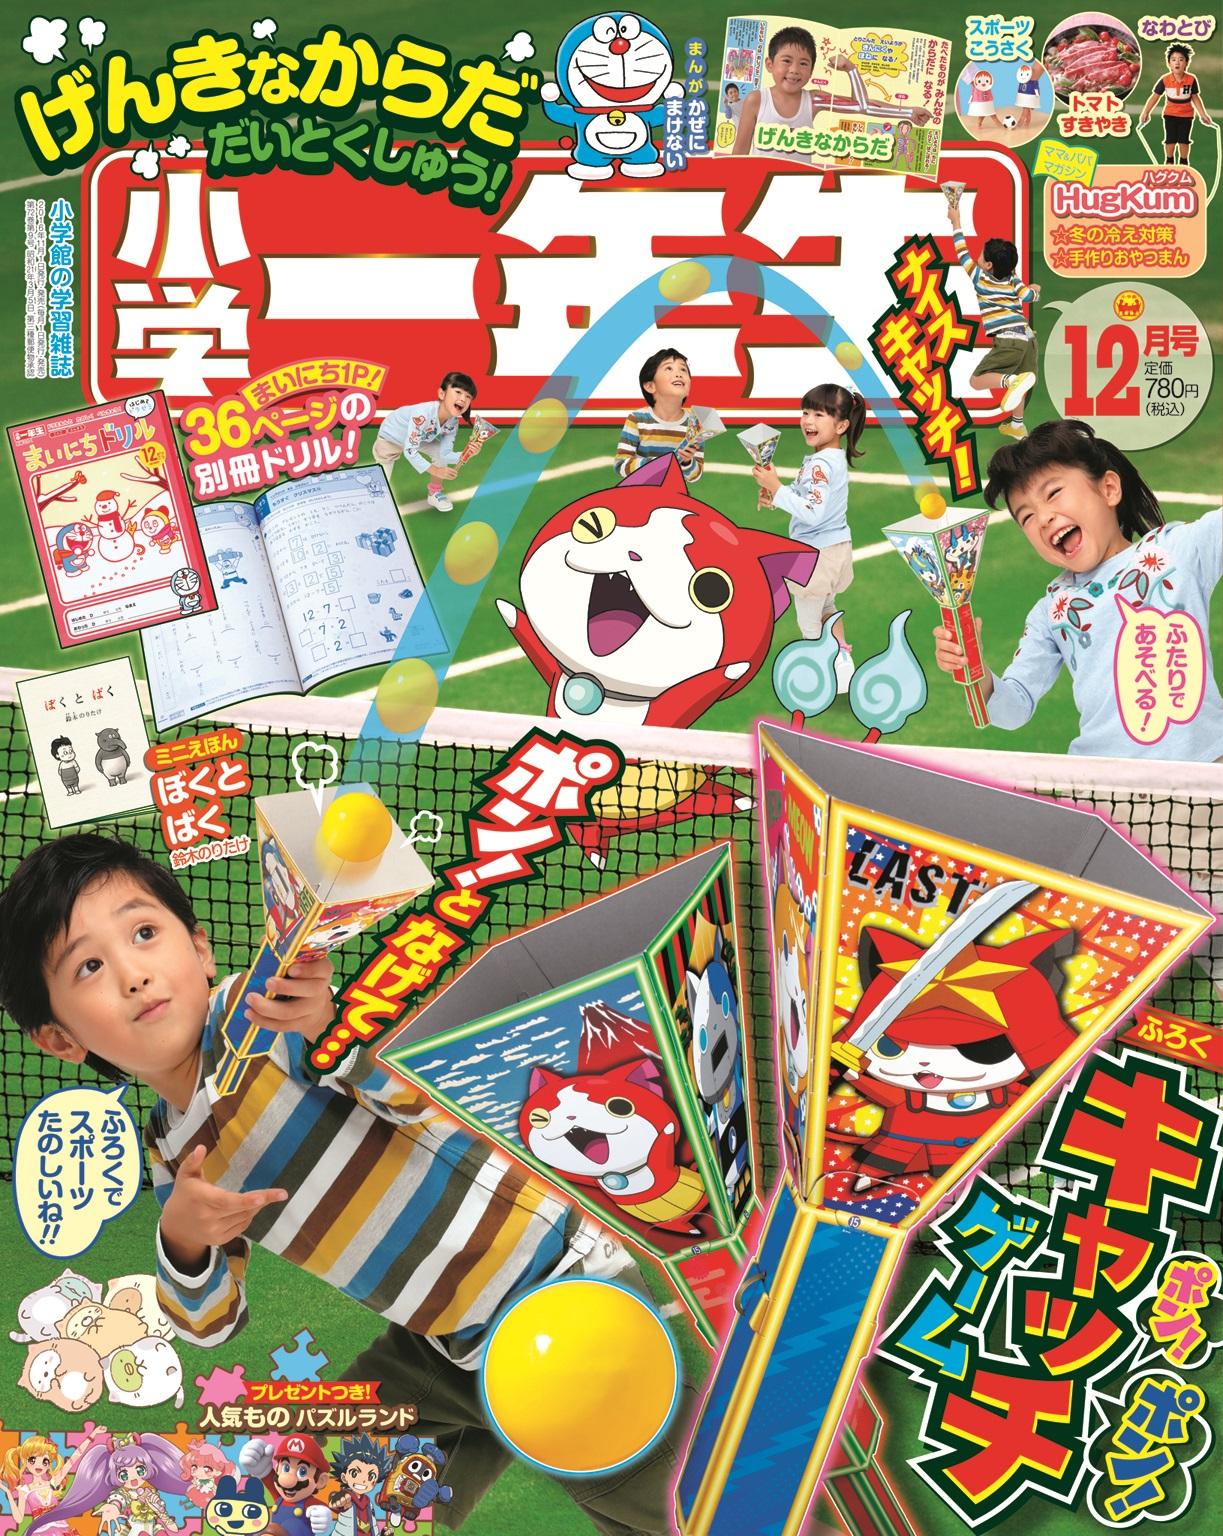 12月号は付録「妖怪ウォッチ キャッチゲーム」+大特集「元気なからだ」!